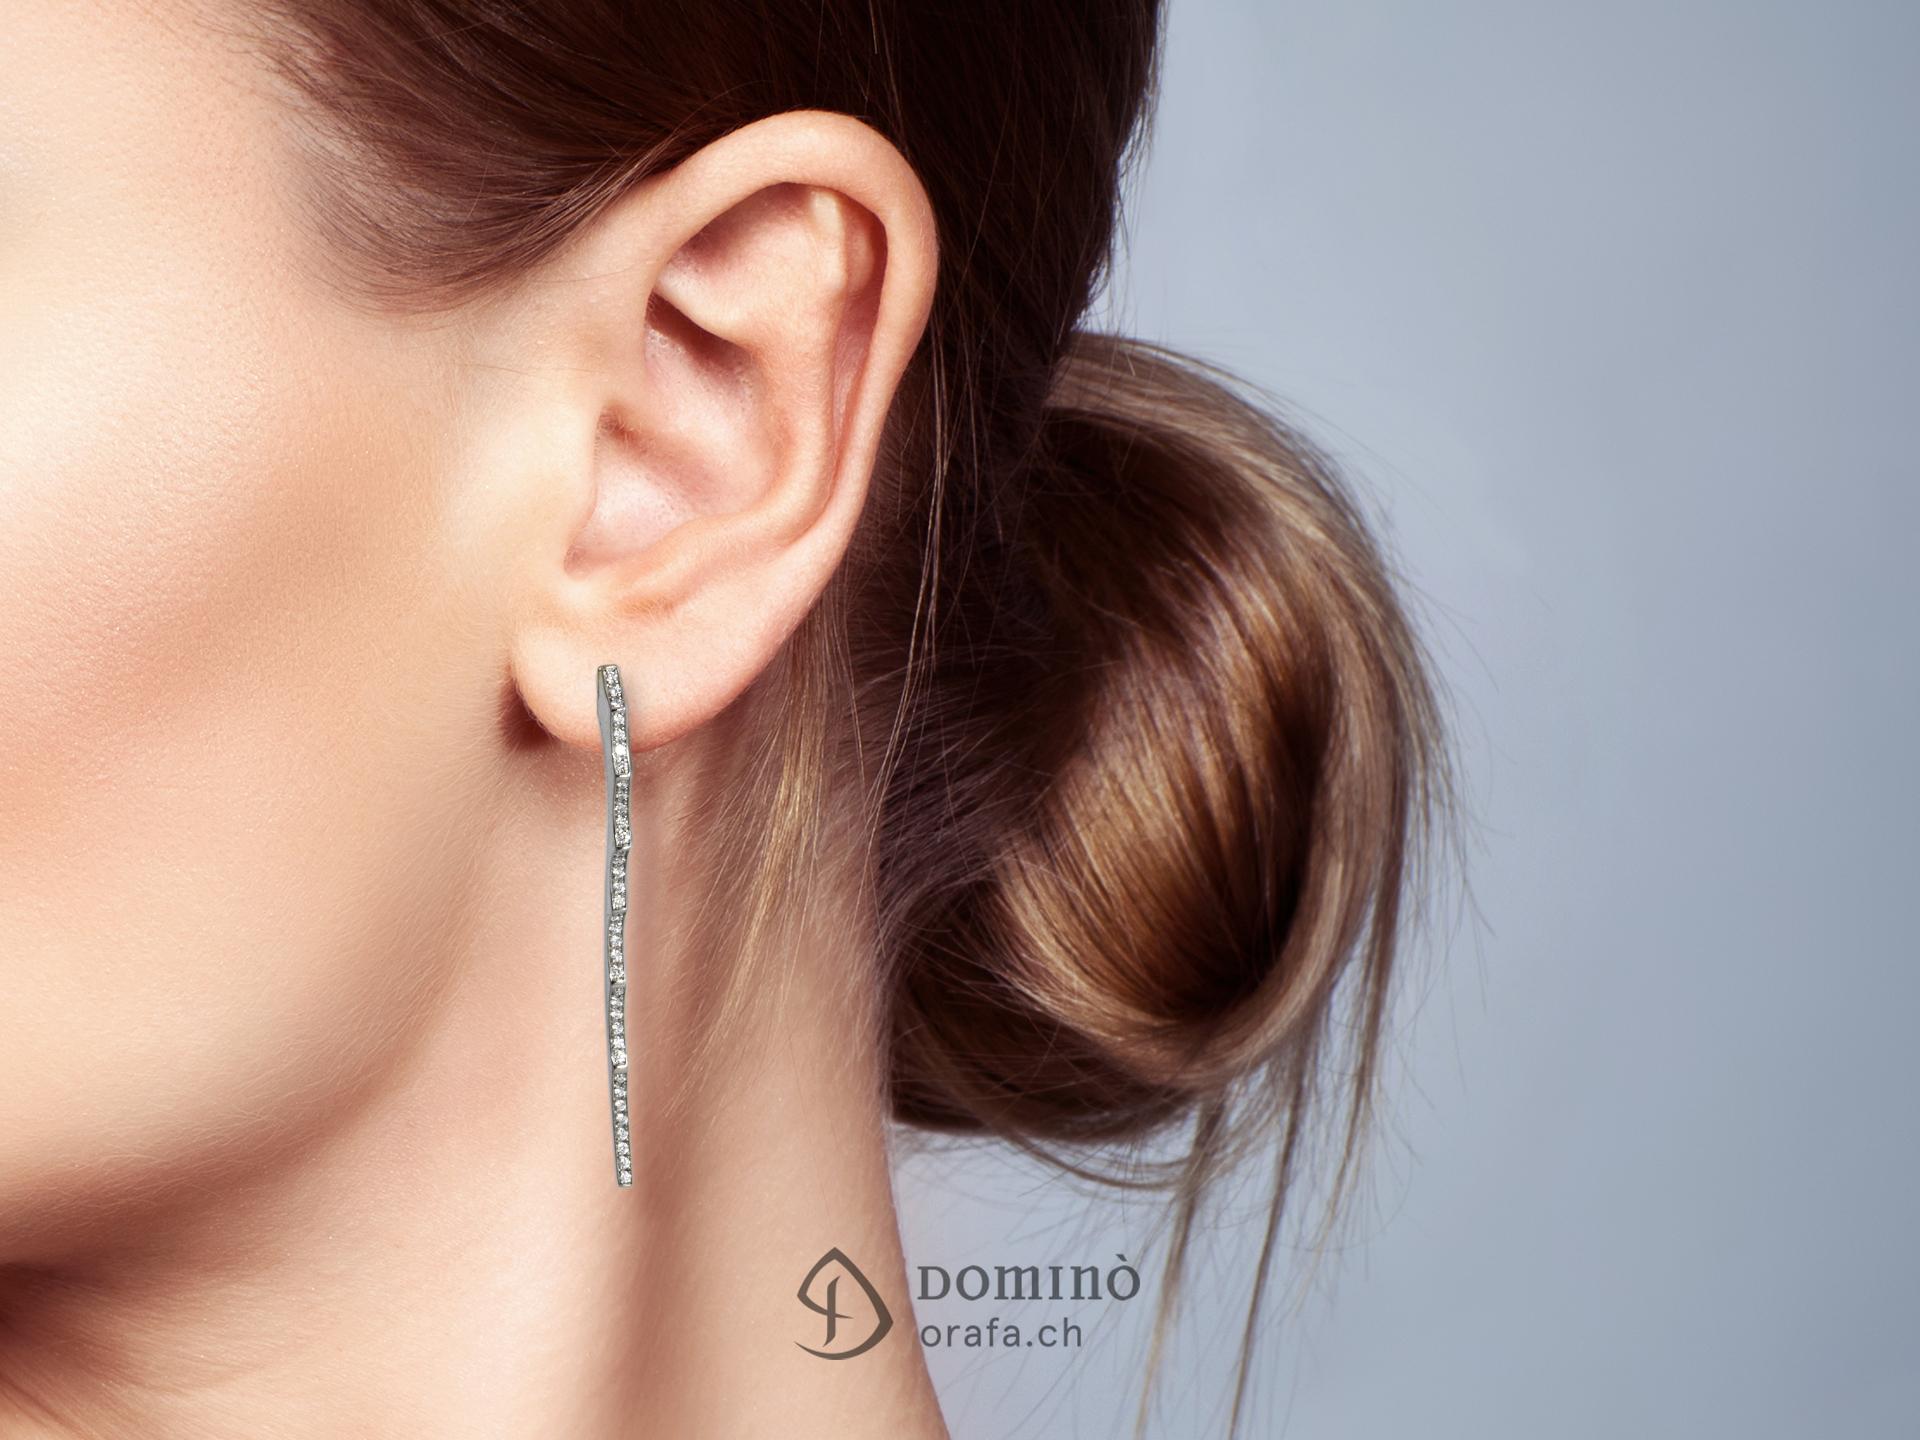 orecchini-codaorecchini-coda-drago-82-diamanti-1